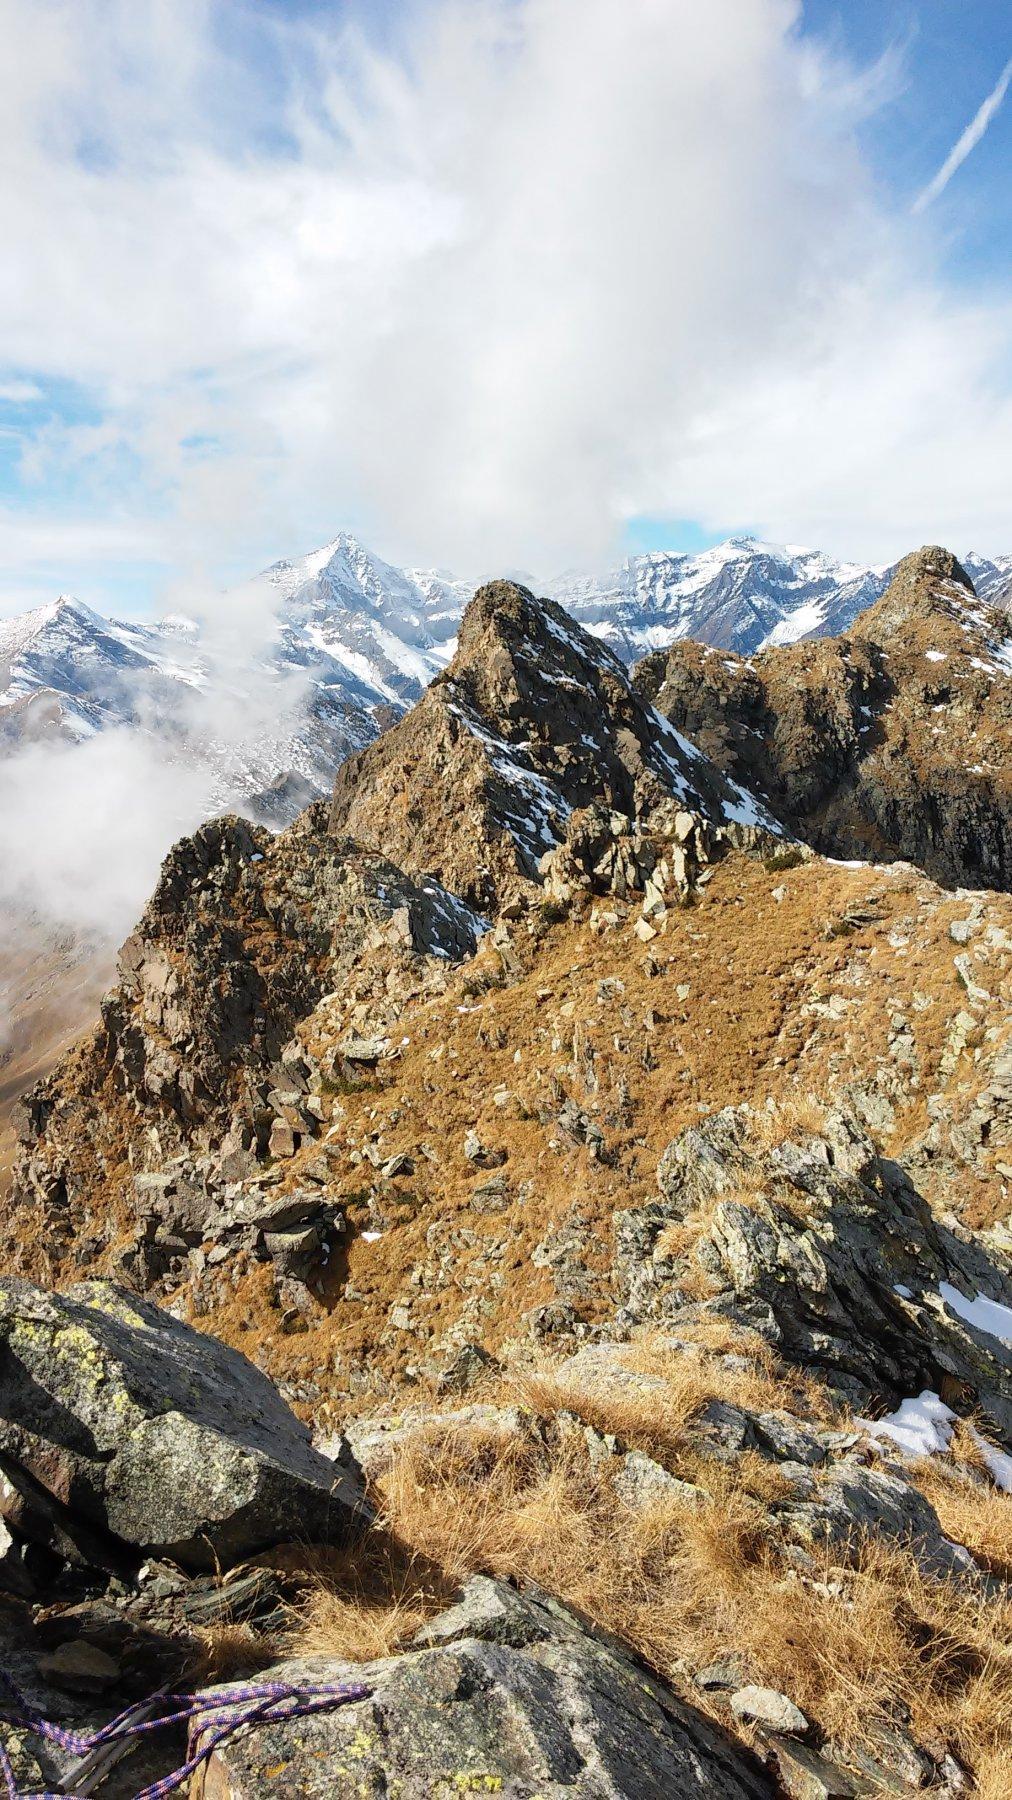 Panorma dalla vetta: in primo piano Cruvin Ovest mt.2712 e Rocca del Forno mt.2722